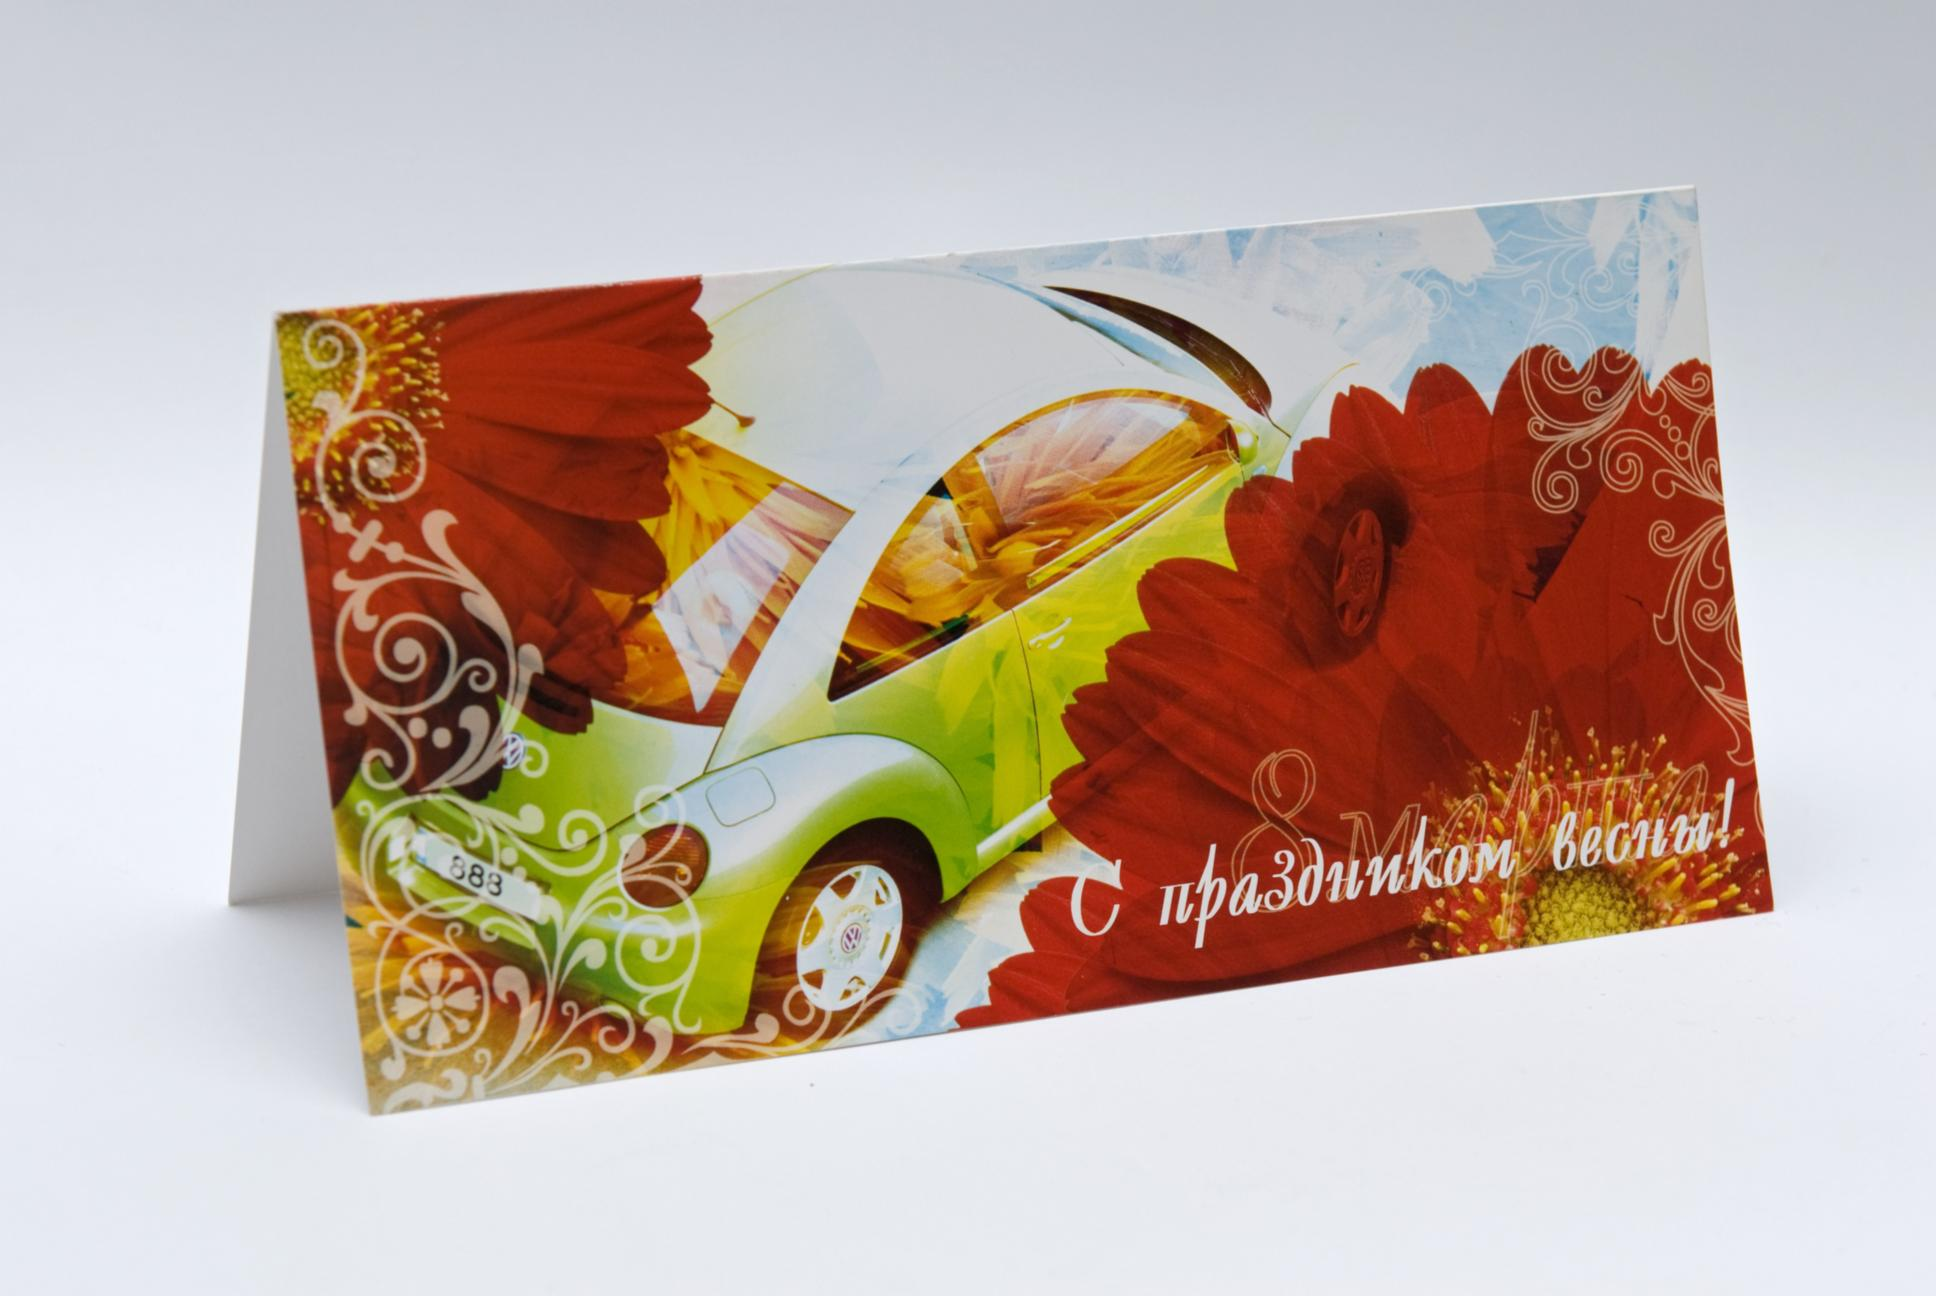 Печать открыток цена челябинск, днем работников